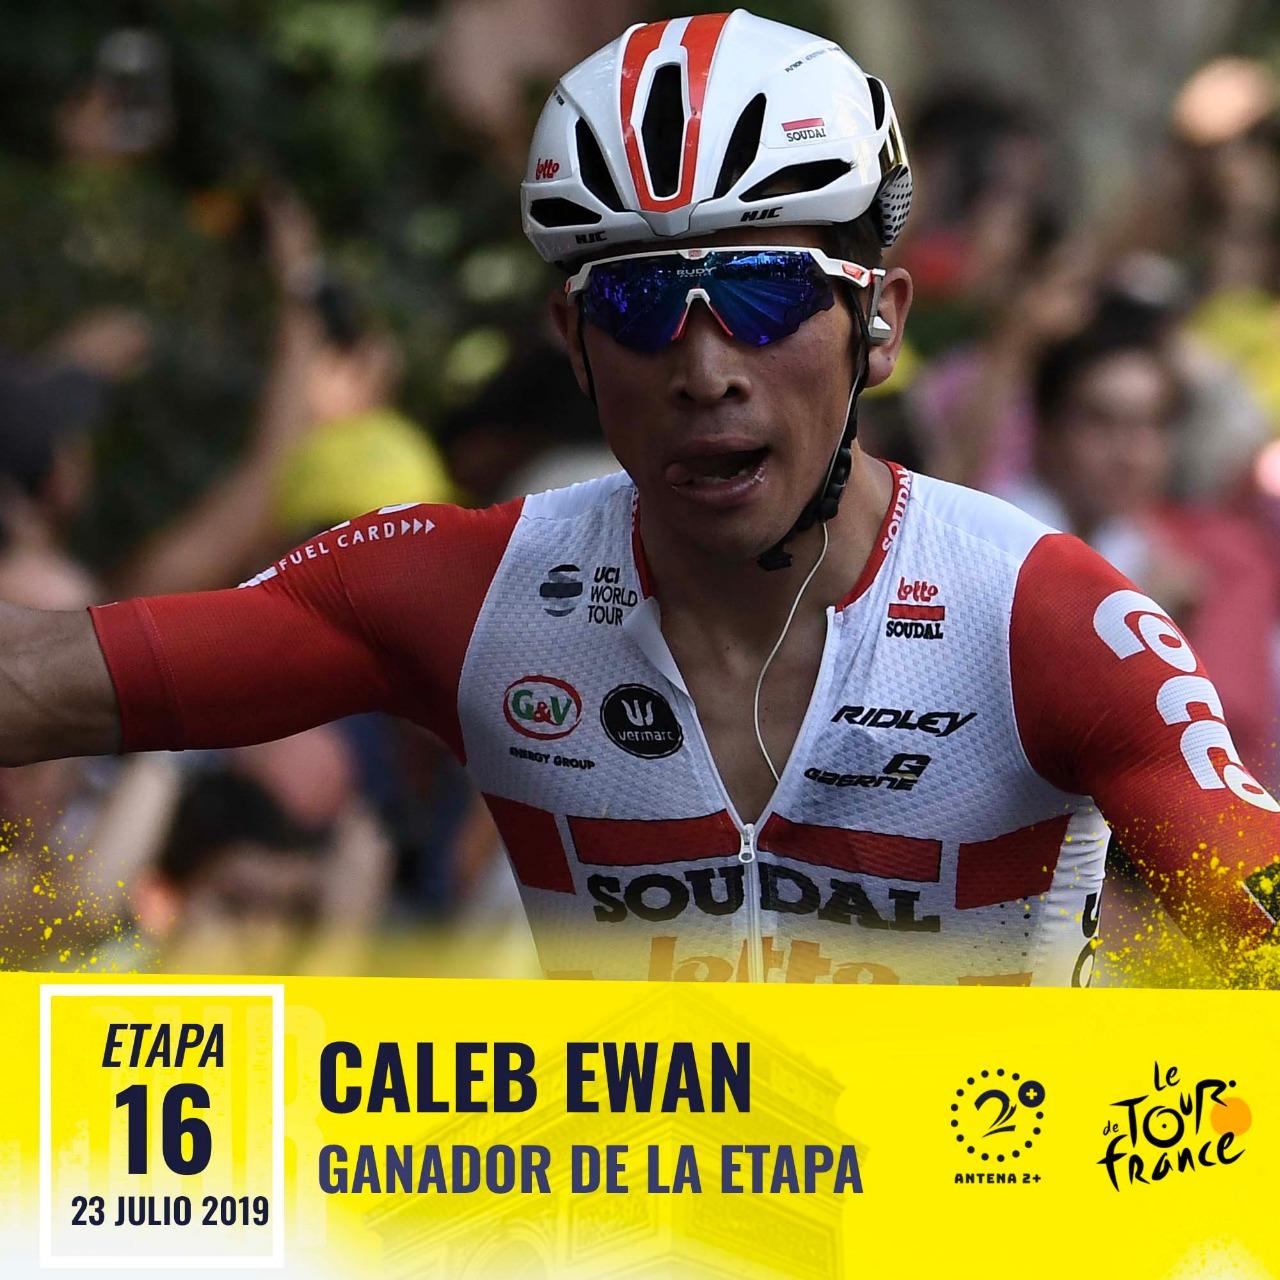 Caleb Ewan - Etapa 16